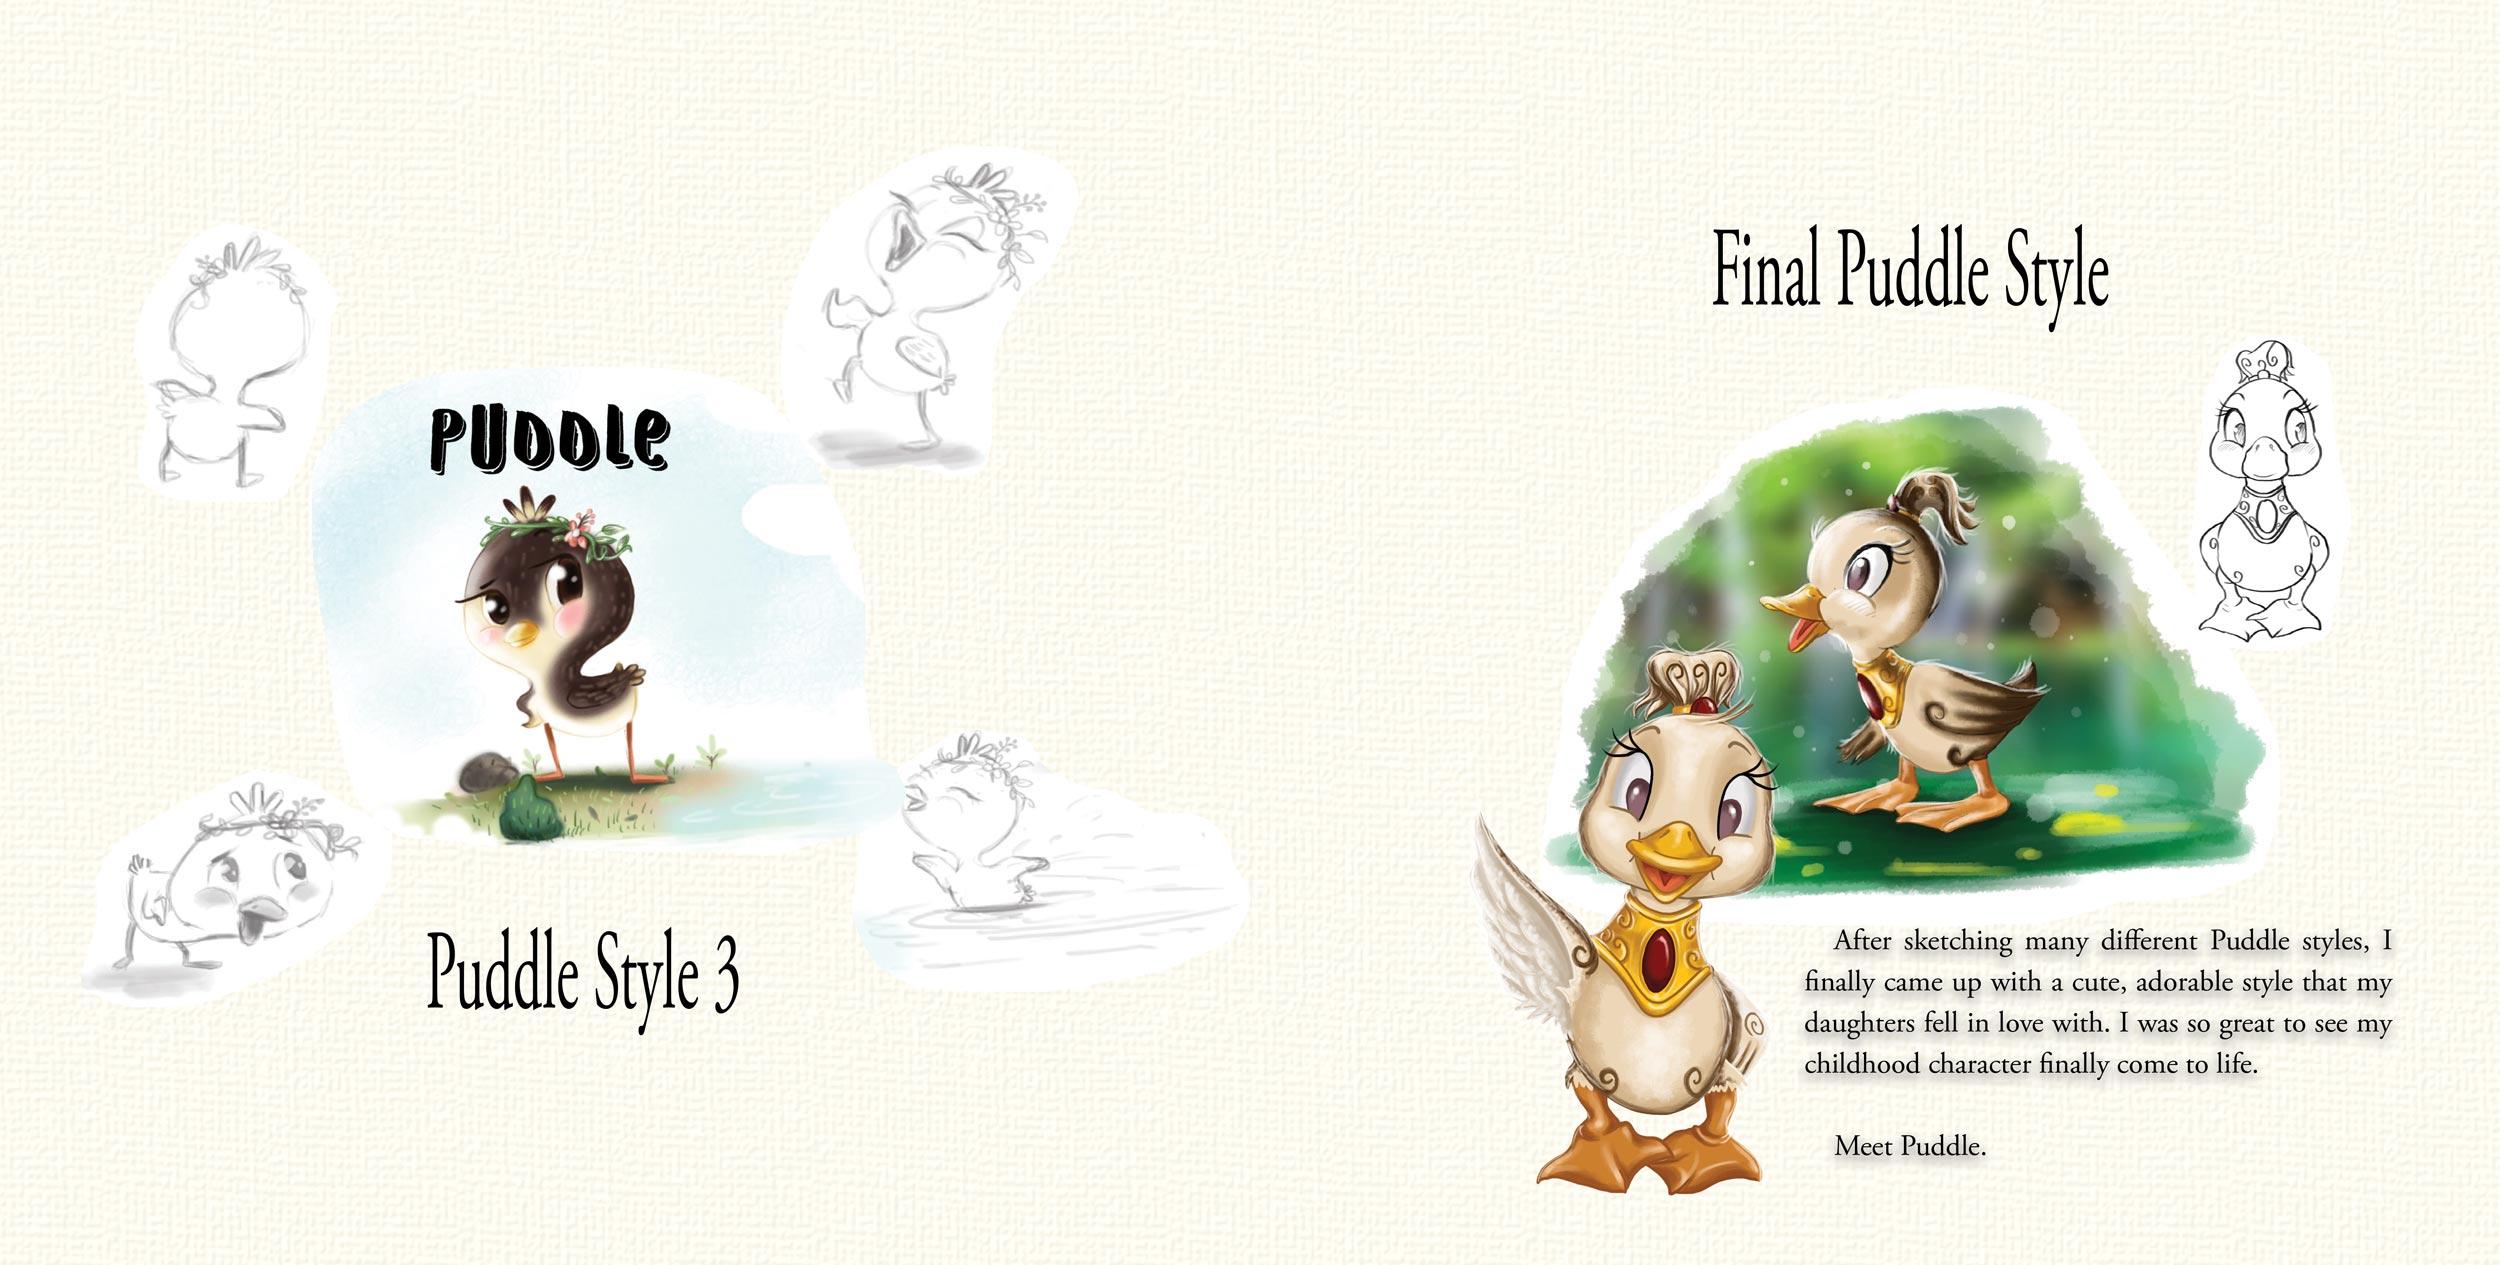 Puddle-Concept-Art-Appendix-11-12.jpg